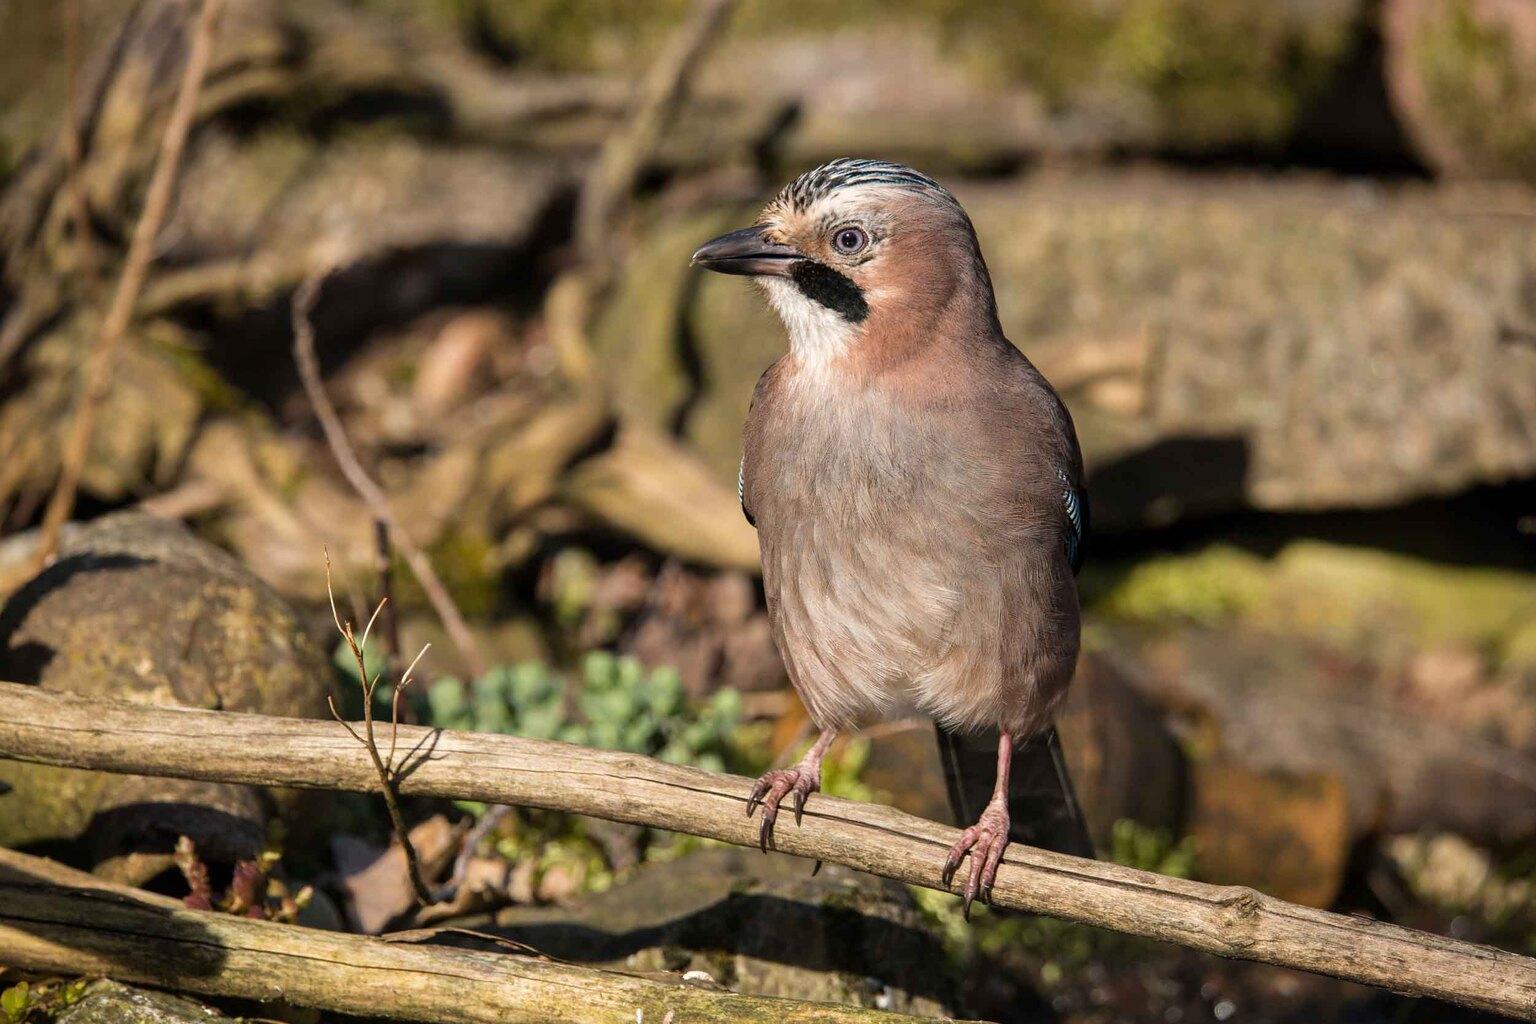 (Vlaamse) Gaai - Genomen in mijn tuin - foto door bertus52 op 16-04-2021 - deze foto bevat: vogel, fabriek, oog, bek, veer, takje, hout, terrestrische dieren, zangvogel, neerstekende vogel